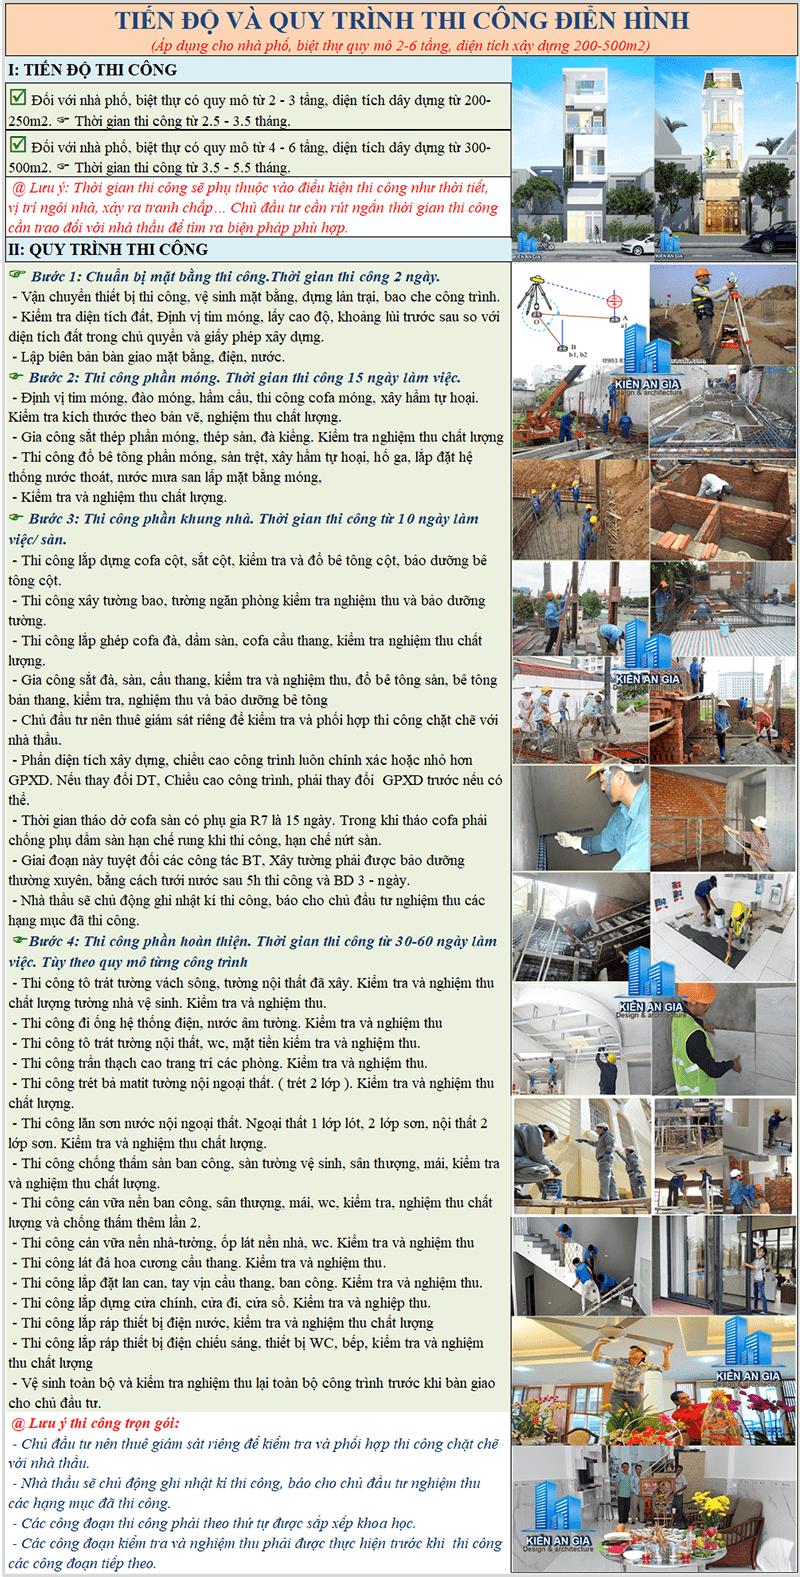 Quy trình và tiến độ thi công xây nhà trọn gói